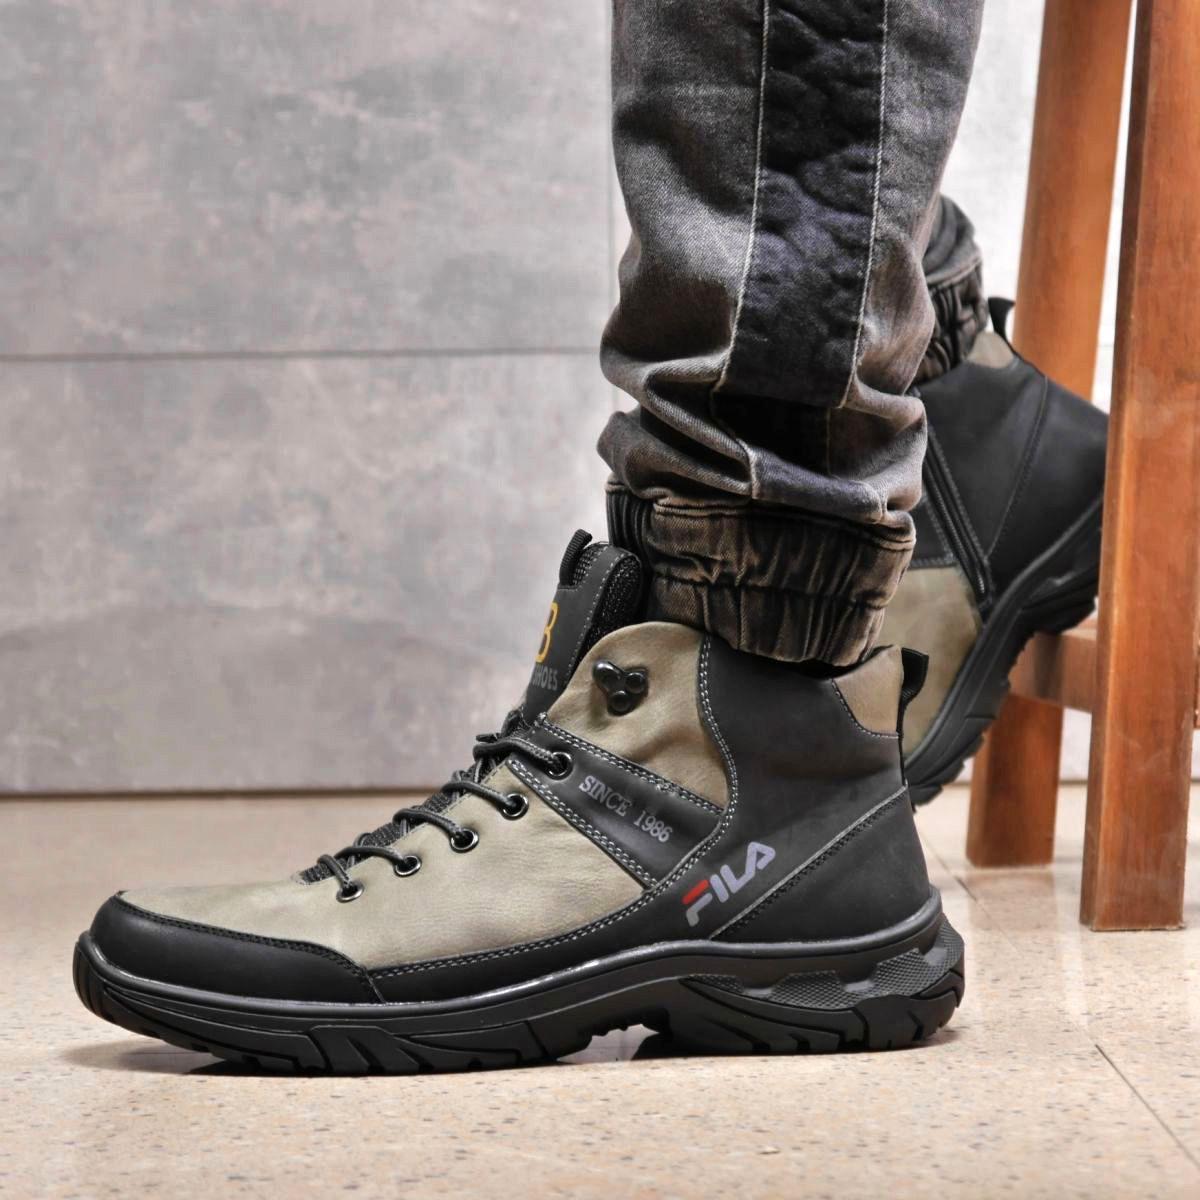 Зимние мужские ботинки 31861, Camel (на меху, в коробке), темно-серые, [ 41 44 ] р. 41-27,5см.